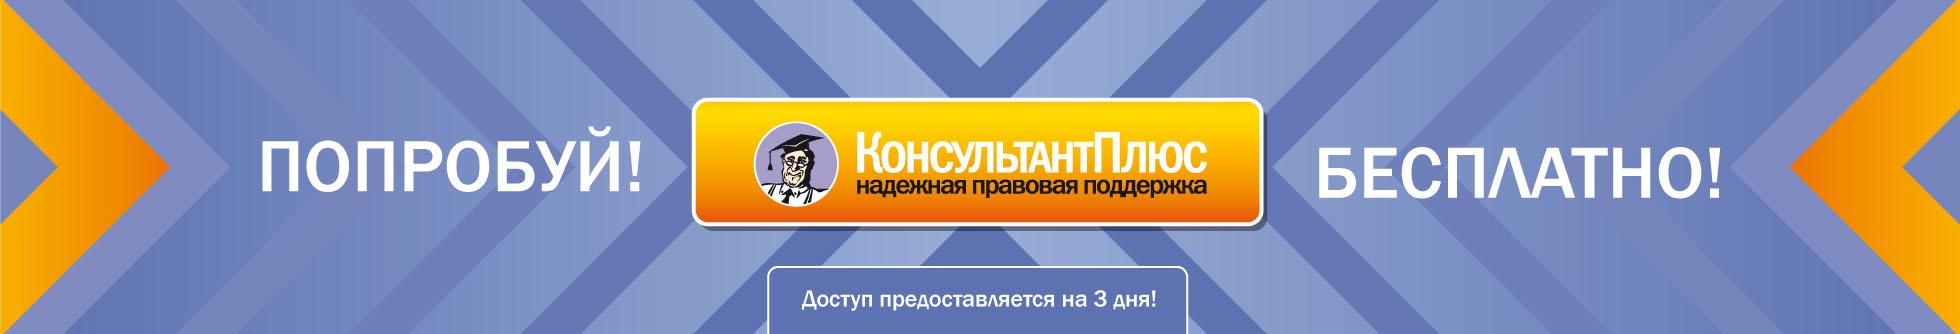 Консультант плюс официальный сайт бухгалтерия регистрация и постановка на учет налогоплательщиков ип